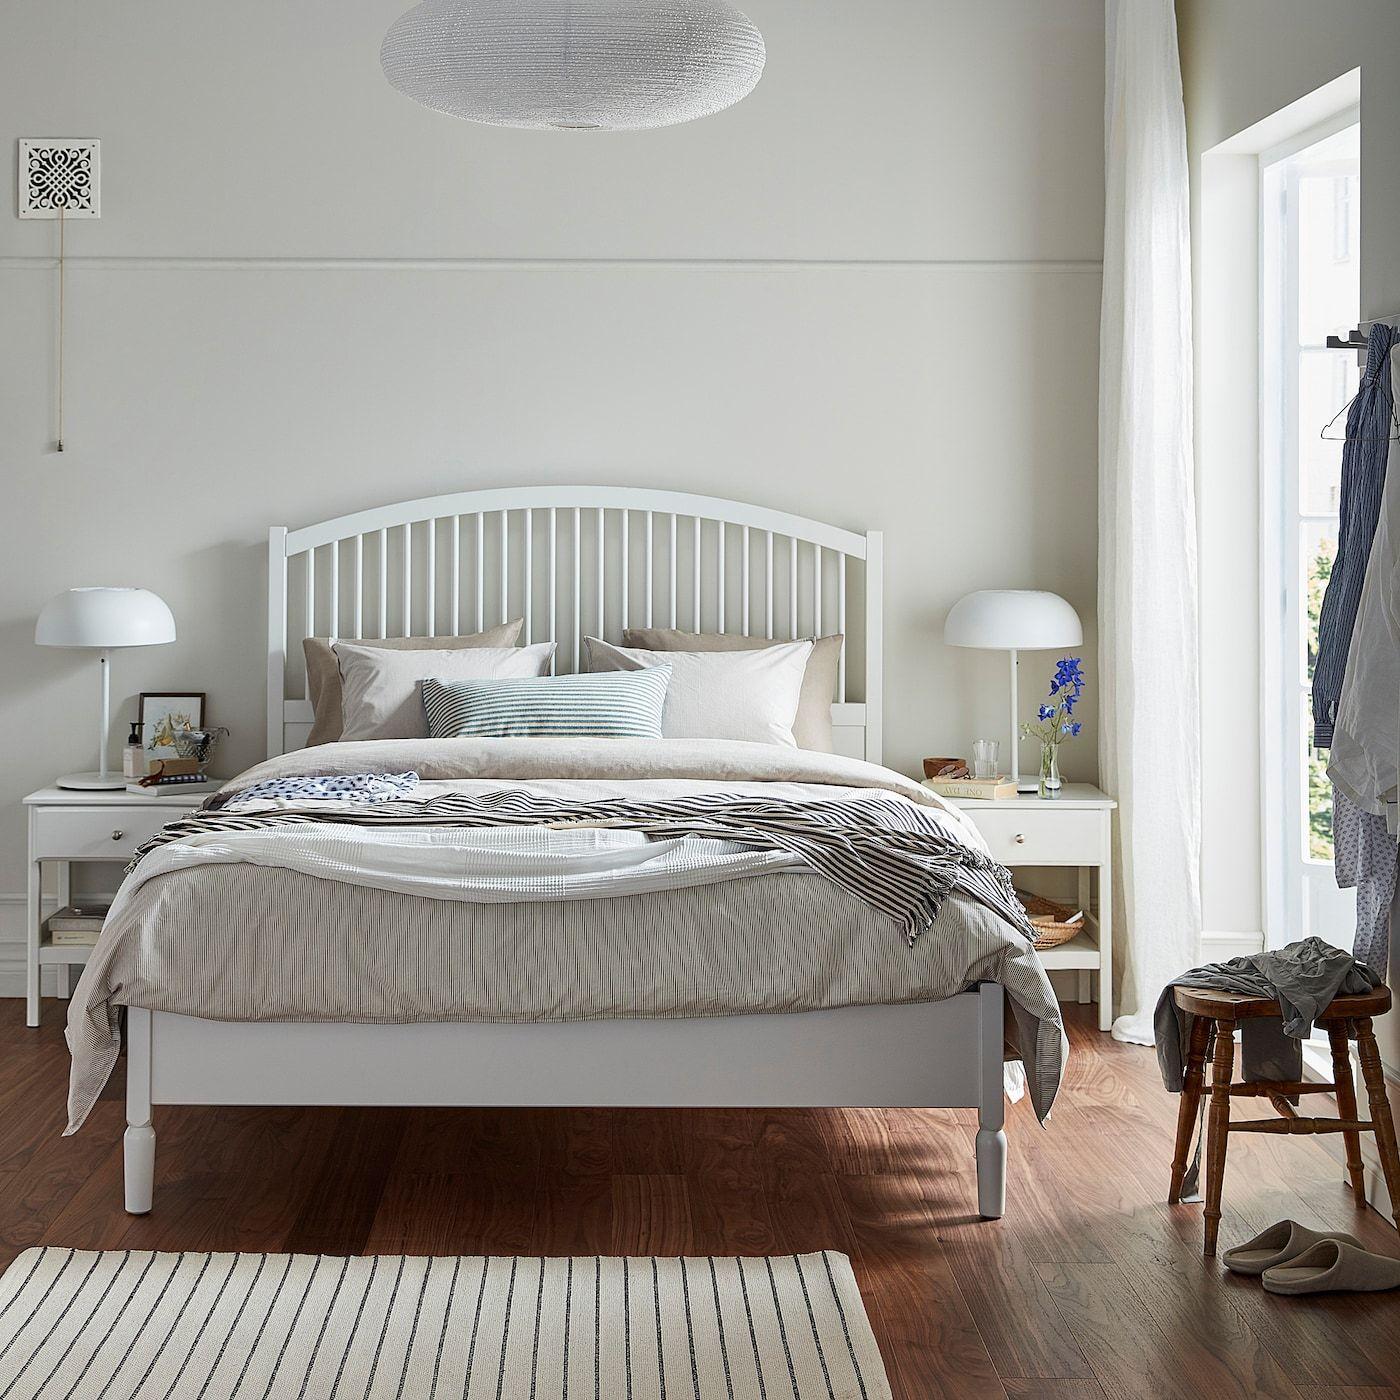 Tyssedal Cadre De Lit Blanc 140x200 Cm Ikea White Bed Frame Bed Frame Ikea Tyssedal